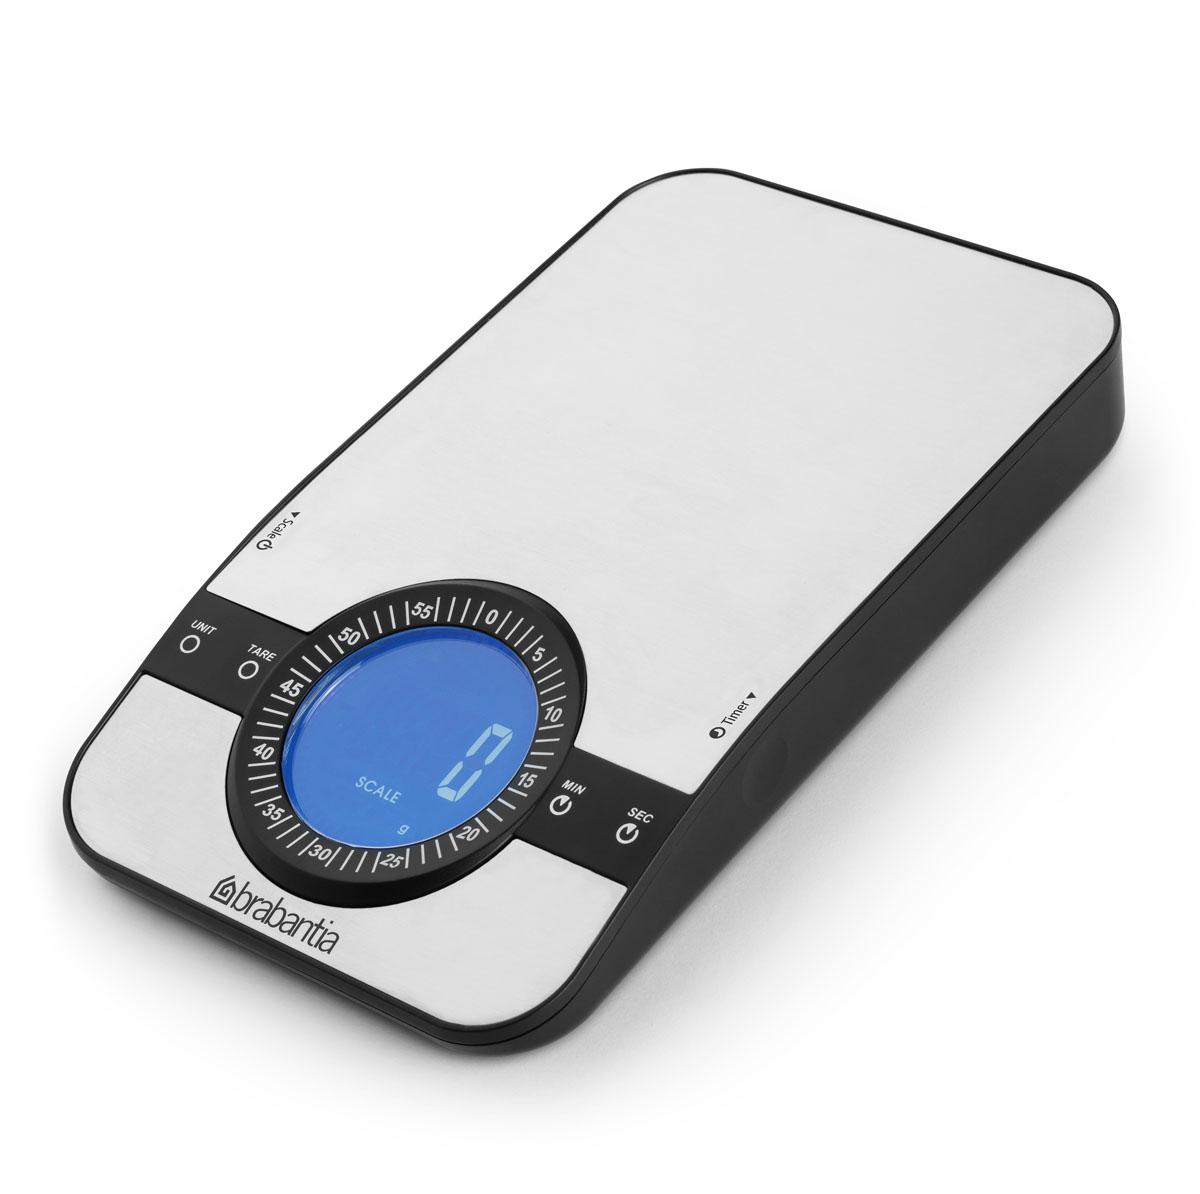 Весы кухонные электронные Brabantia, до 5 кг. 480607480607Цифровые кухонные весы Brabantia станут отличным помощником на кухне. Они помогут правильно рассчитать порции при диете или отмерят ингредиенты согласно рецепту с точностью до одного грамма. Вся необходимая информация отображается на ярком жидкокристаллическом дисплее. Для экономии заряда батареек в устройстве реализована функция автоматического выключения при длительном простое. Корпус прибора изготовлен из высококачественной нержавеющей стали и пластика и легко очищается от различных загрязнений. Резиновые ножки прибора предотвращают его скольжение по столешнице, что делает использование прибора более комфортным. Весы работают от трех батареек типа AAA напряжением 1,5V (входят в комплект).